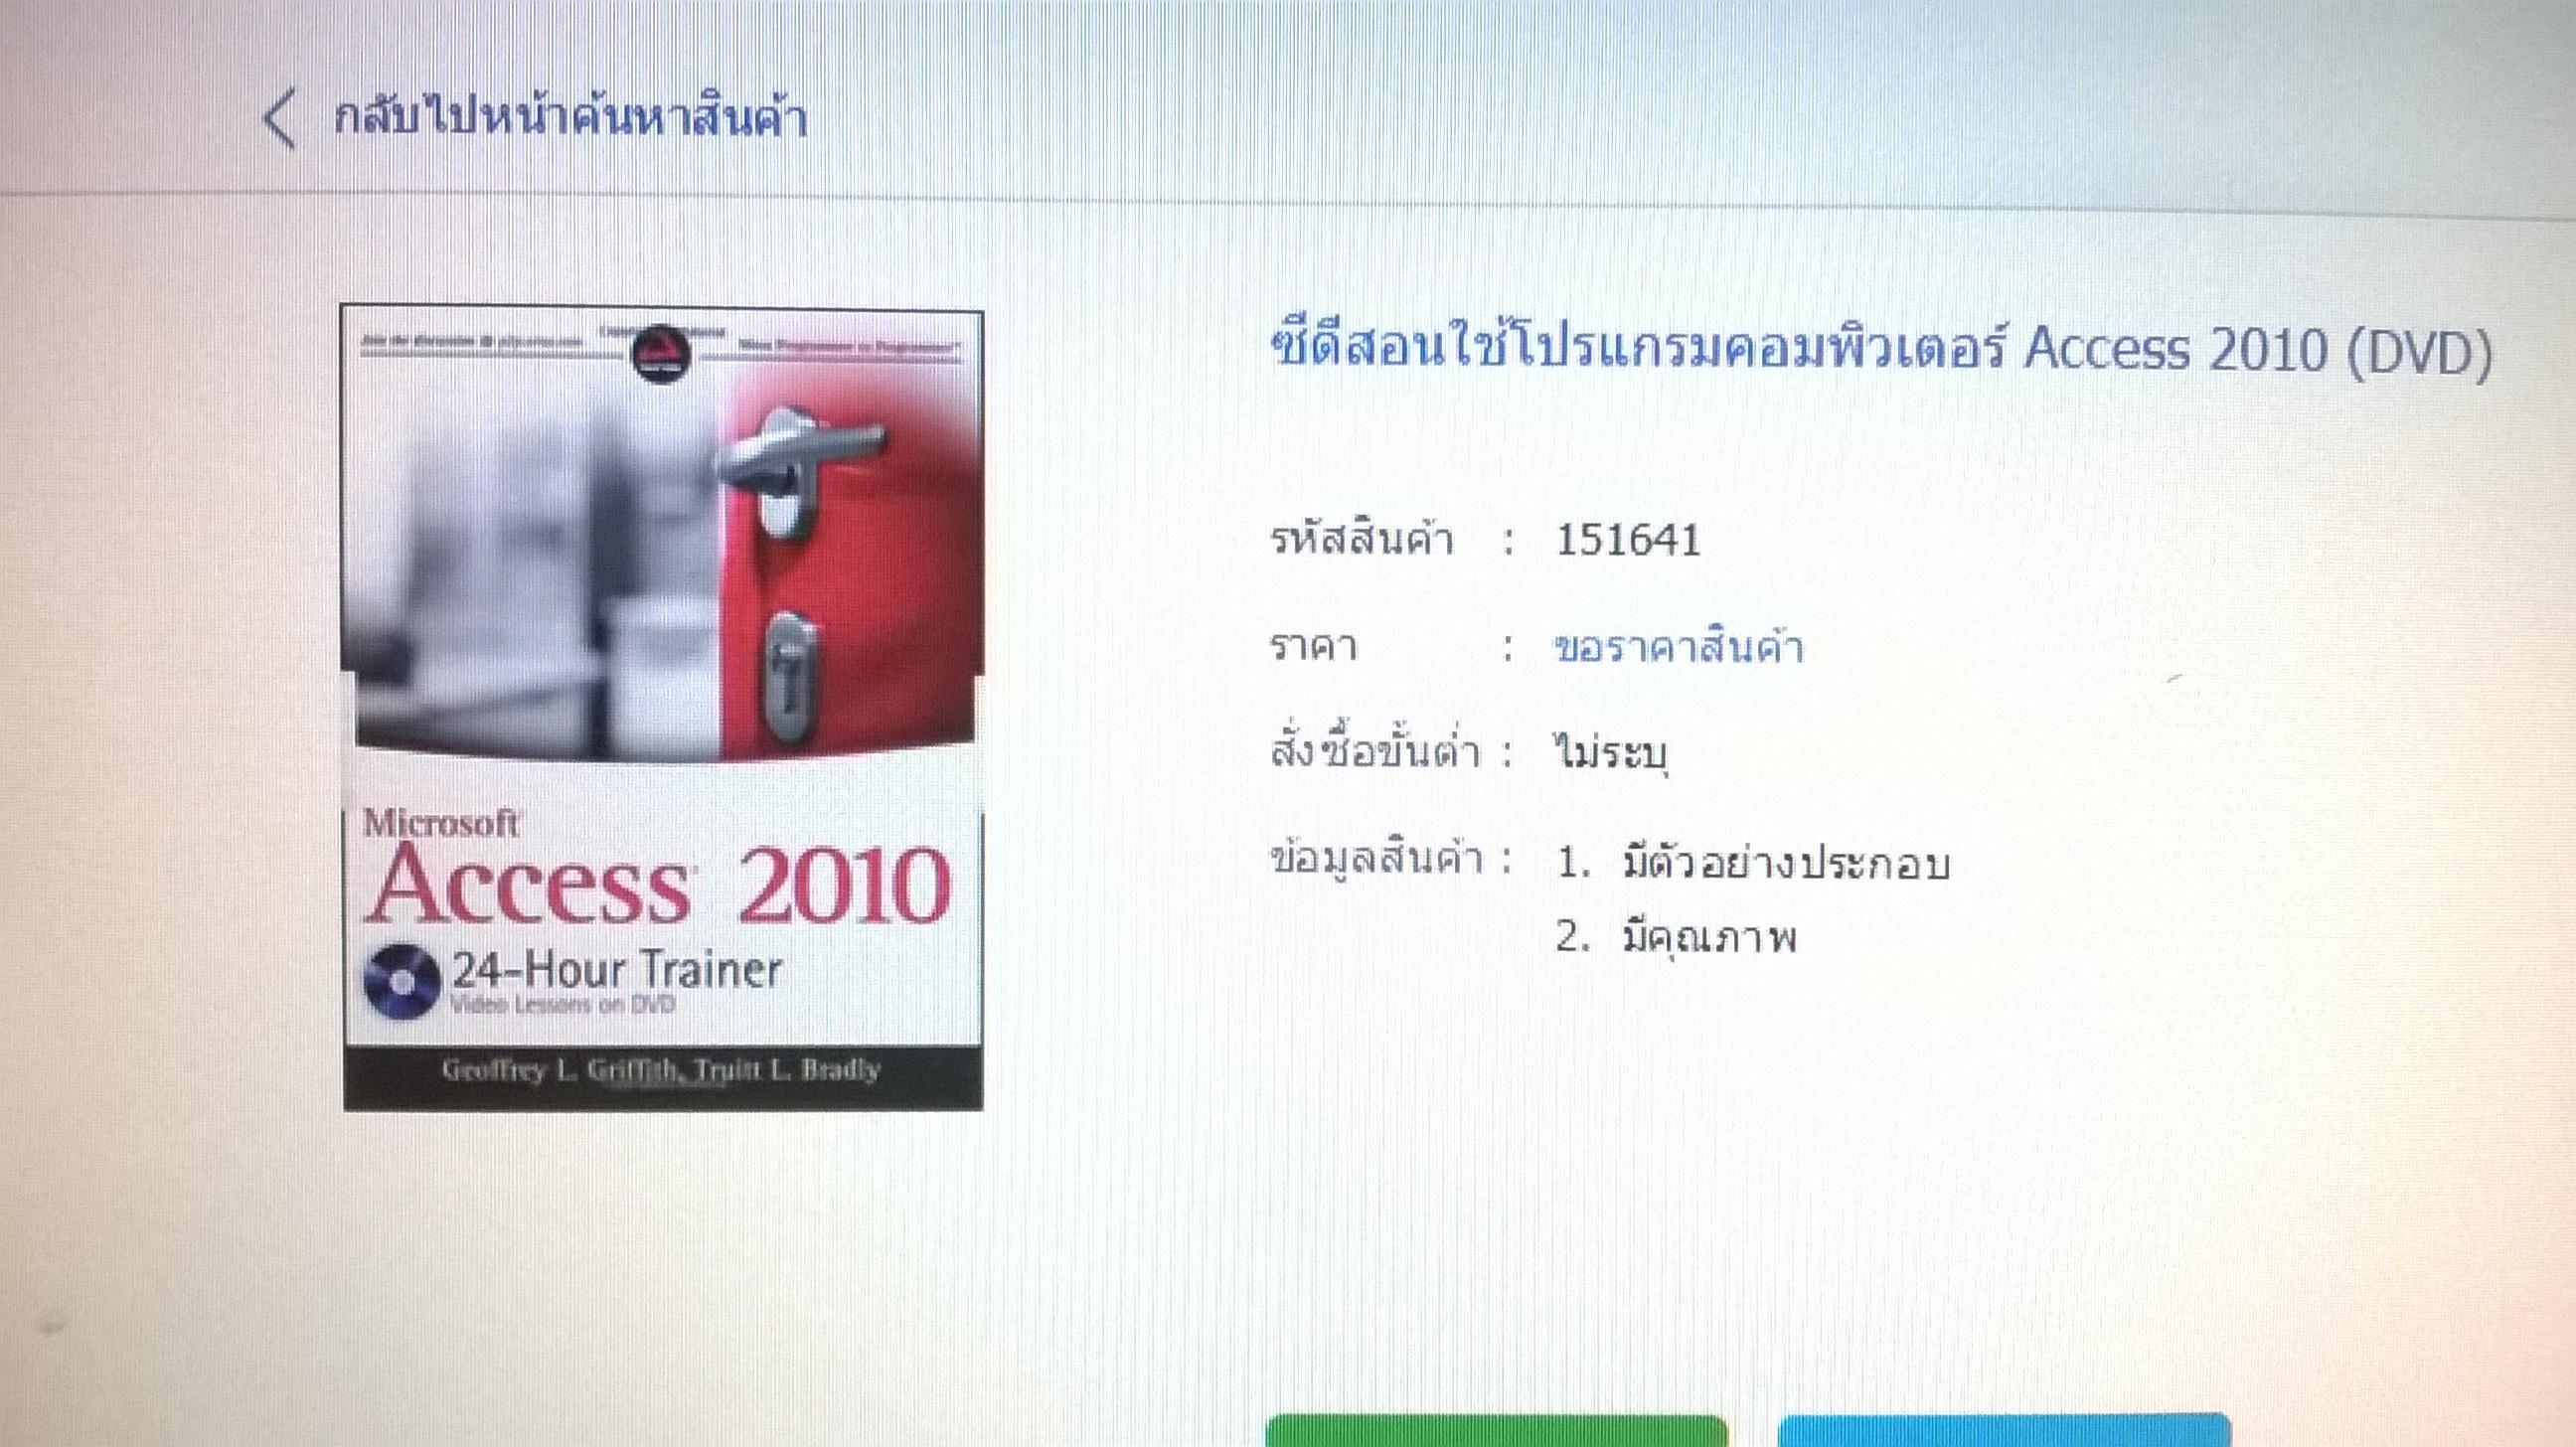 ซีดีสอนใ้ชโปรแกรมคอมพิวเตอร์ Access 2010